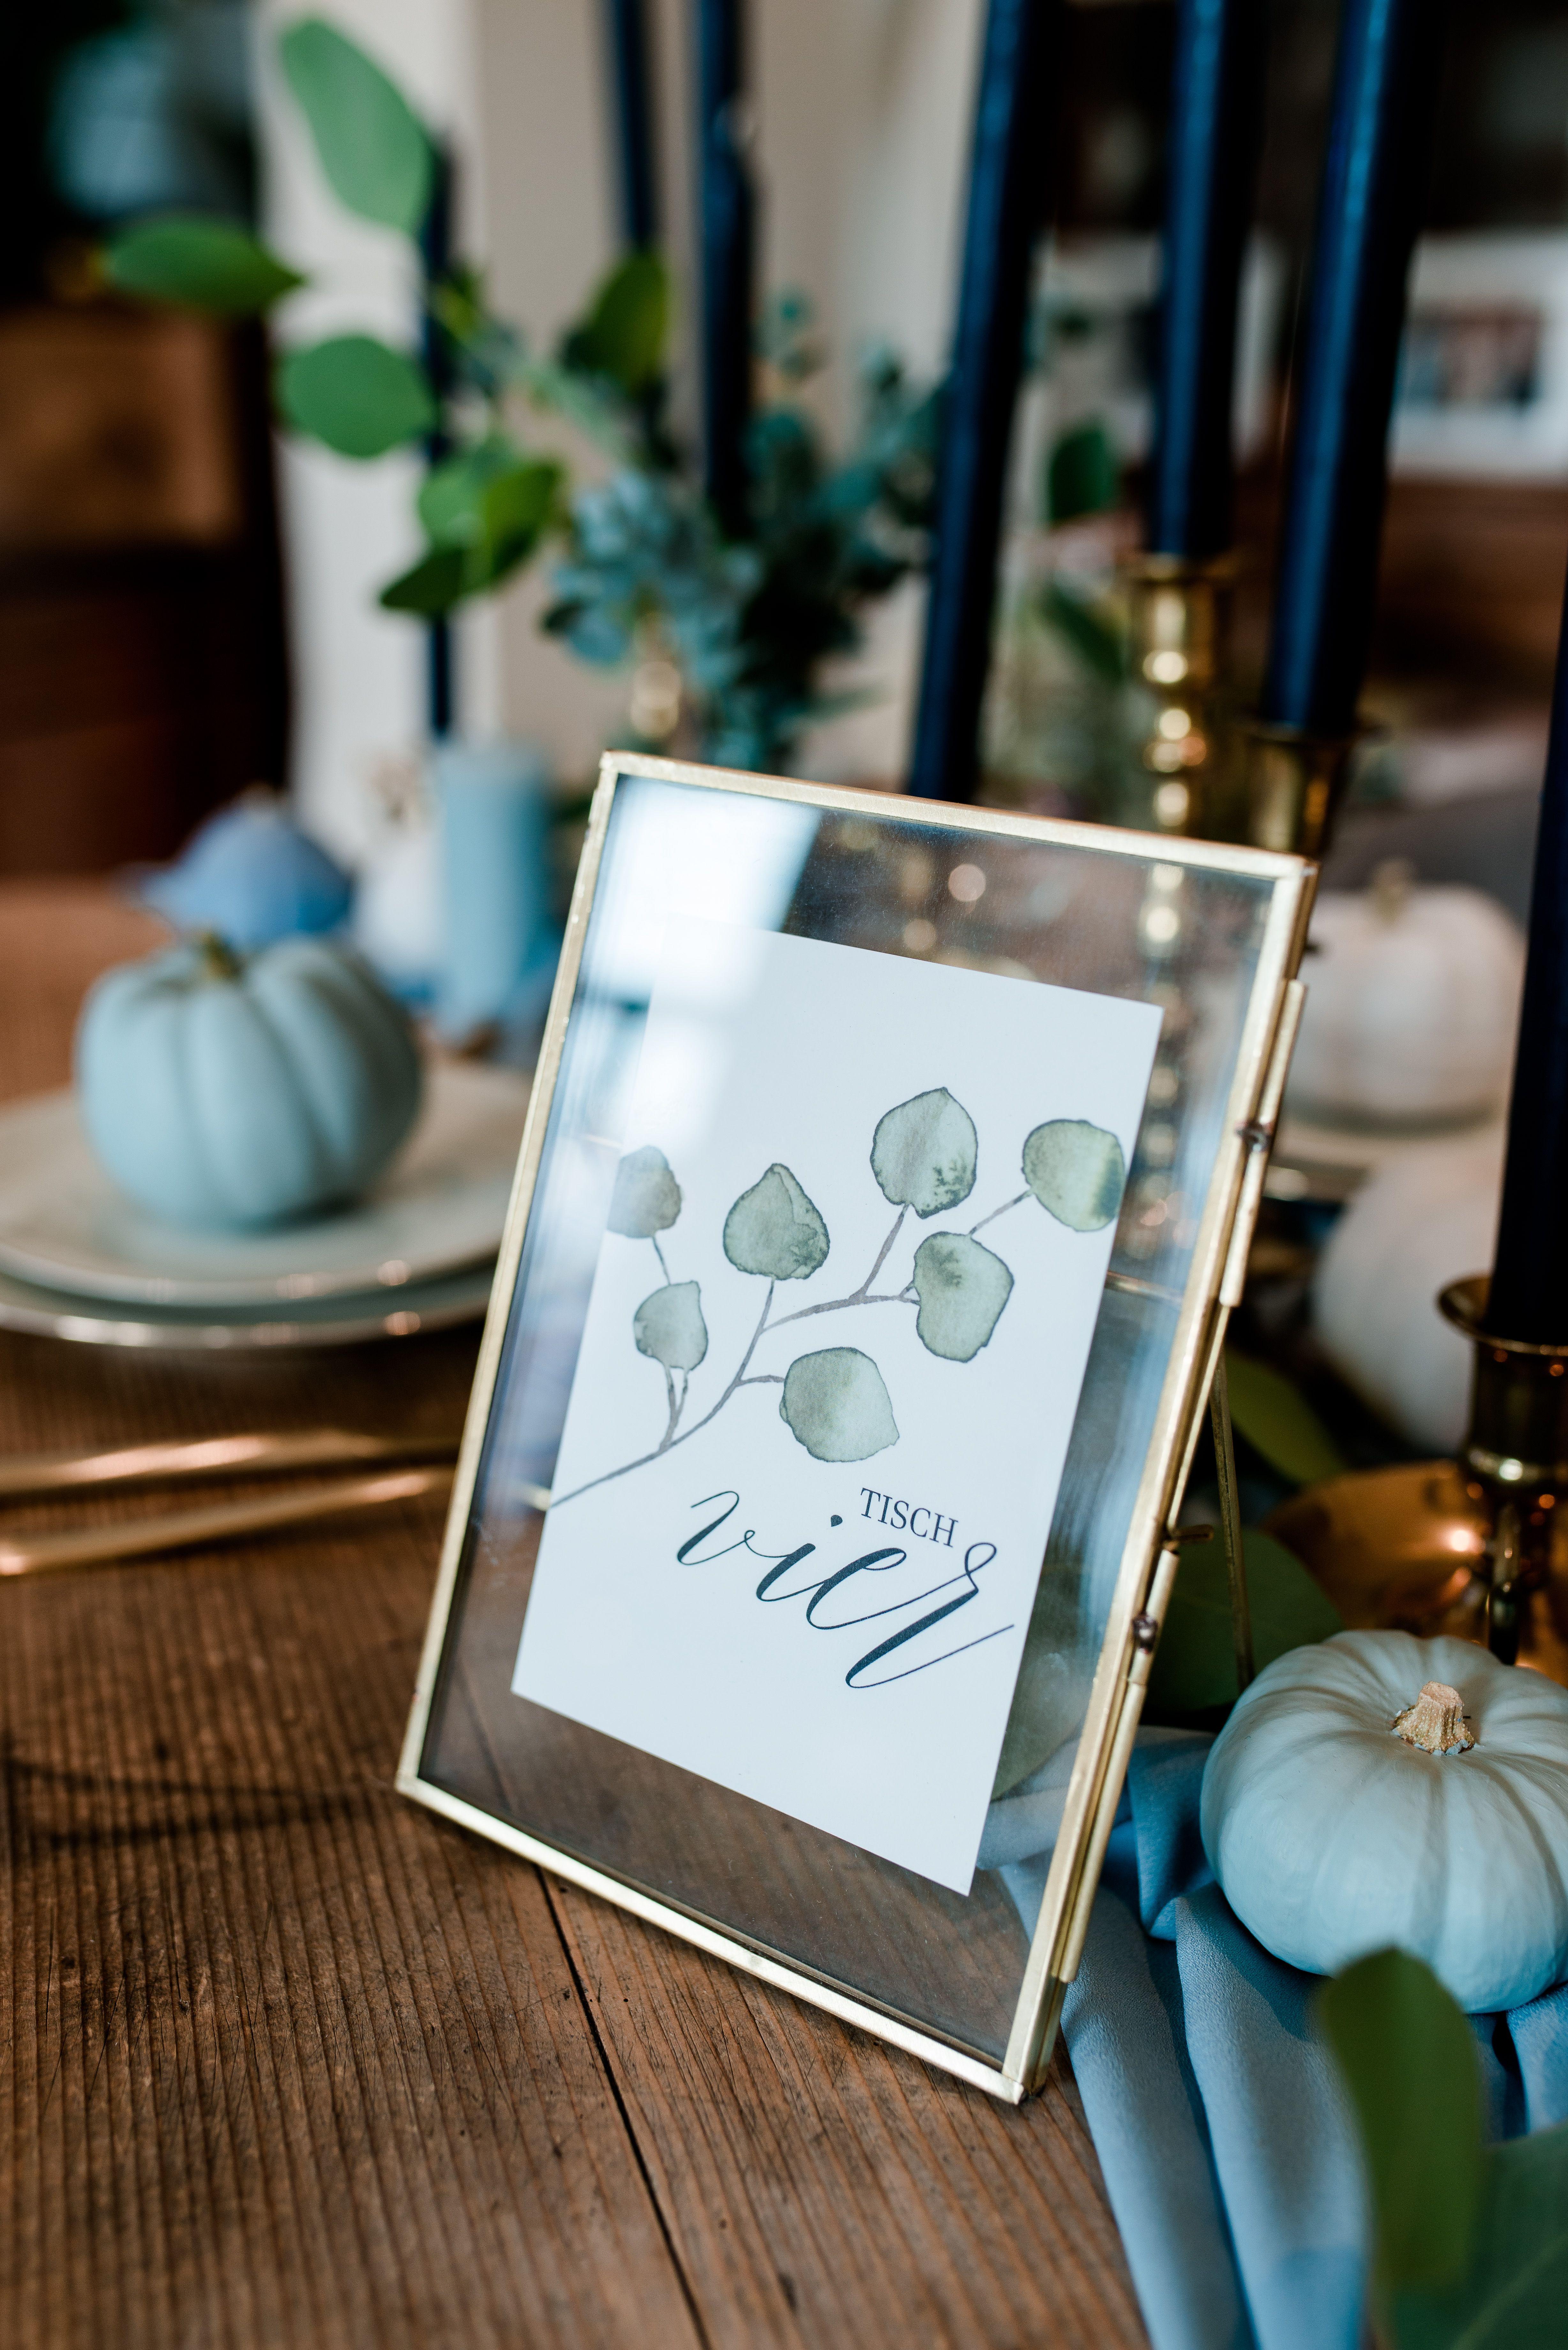 Tischnummer im Goldrahmen #wedding #deko #gold #Tischnummer #hochzeit #eukalyptu…